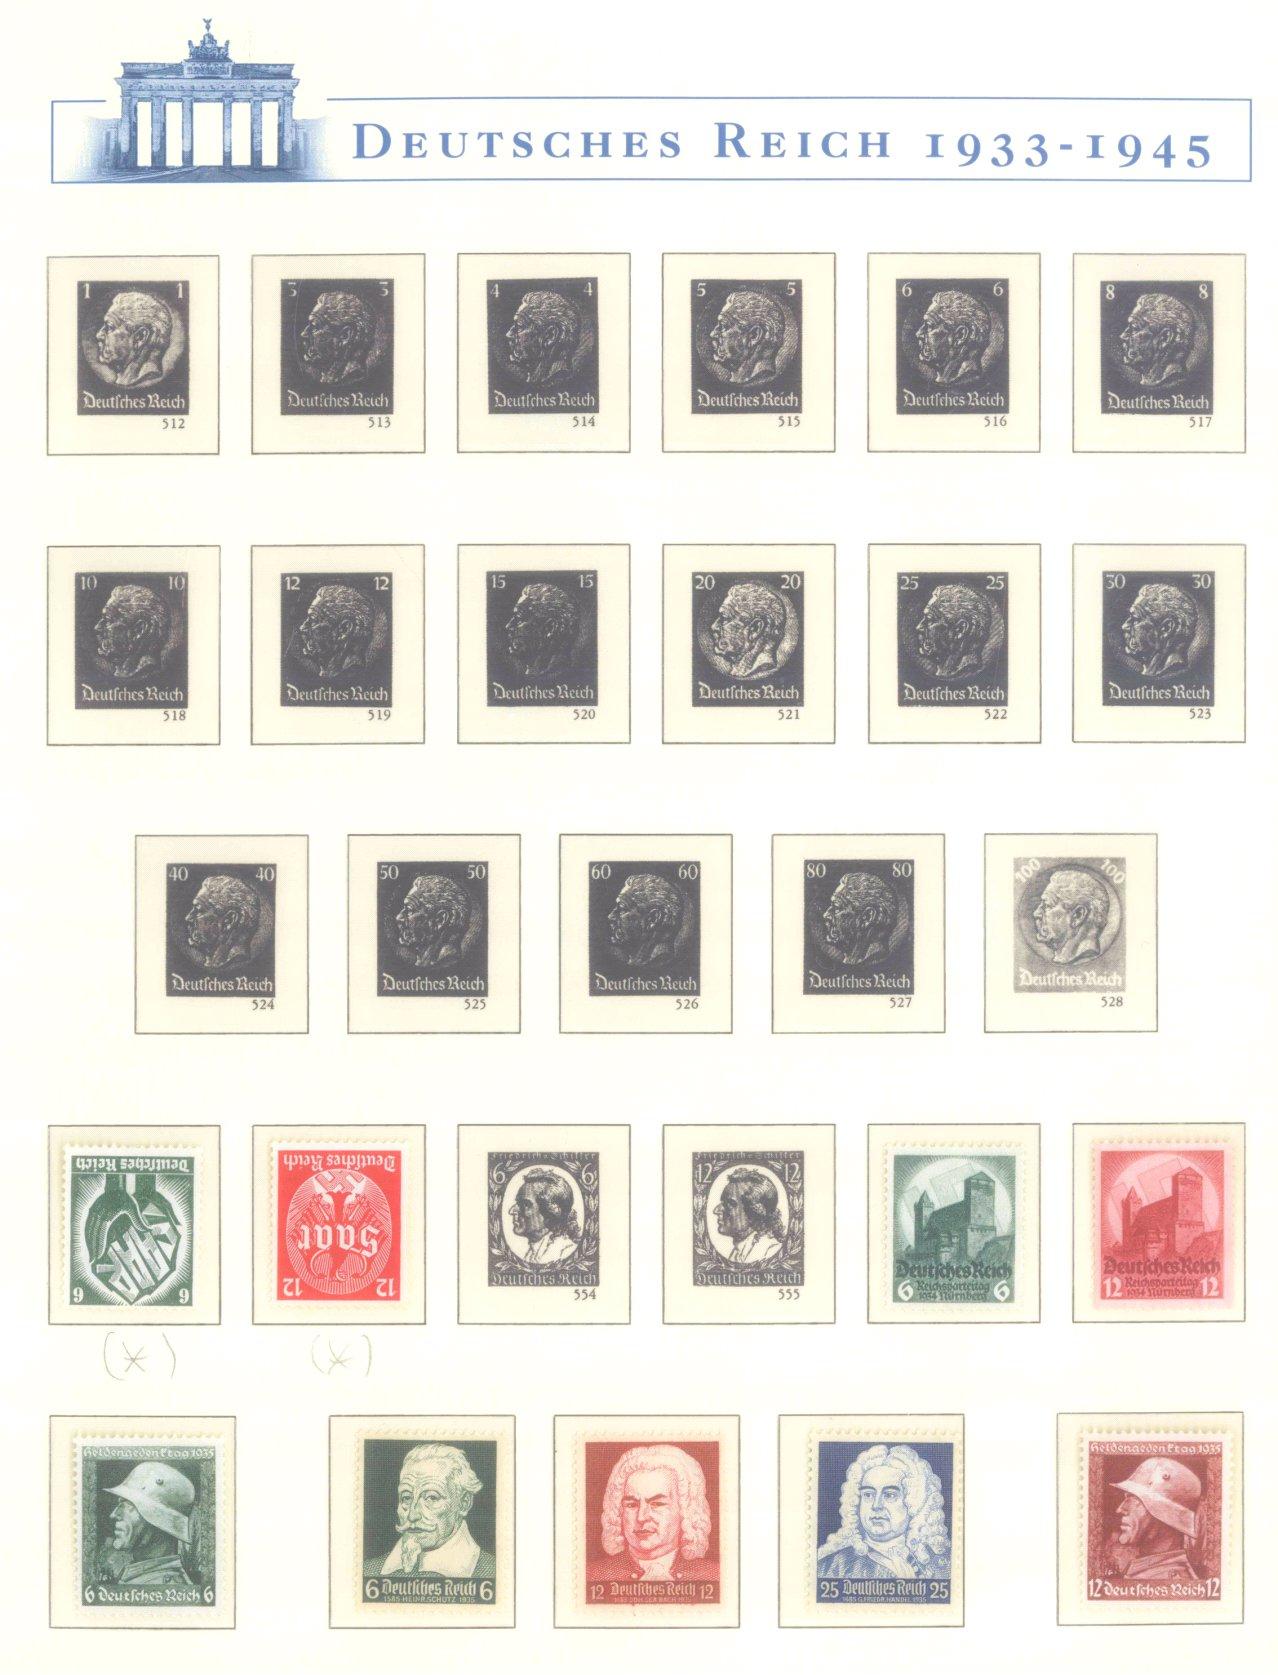 III. REICH 1933-1945